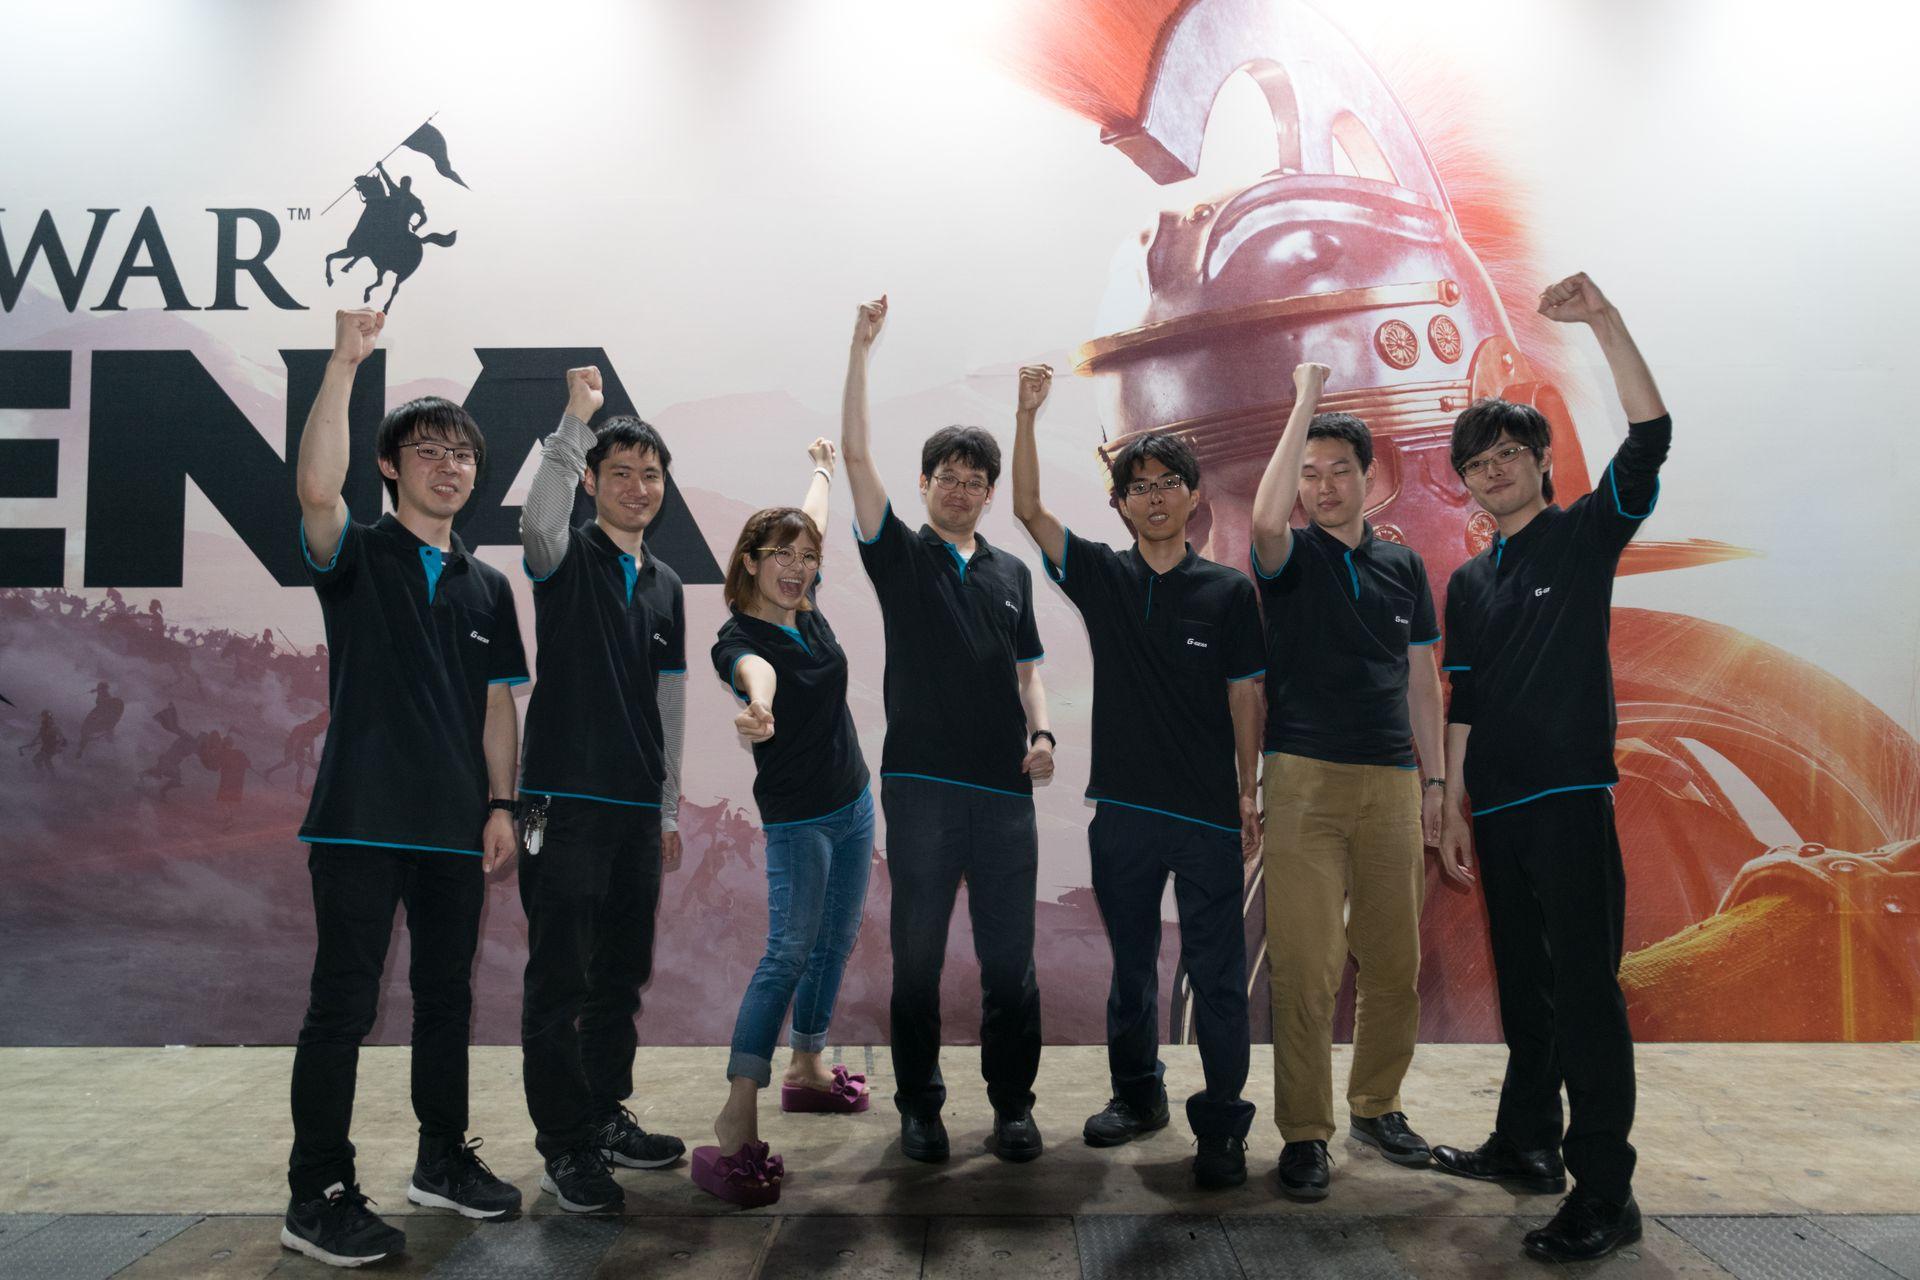 残念ながらAll-Starsには負けてしまったものの。PCメーカーでは日本一の座に輝いたチームG-Gear(ツクモ)。戦術の引き出しから連携まで全てが素晴らしかった。彼らには最大限の賛辞を贈りたい